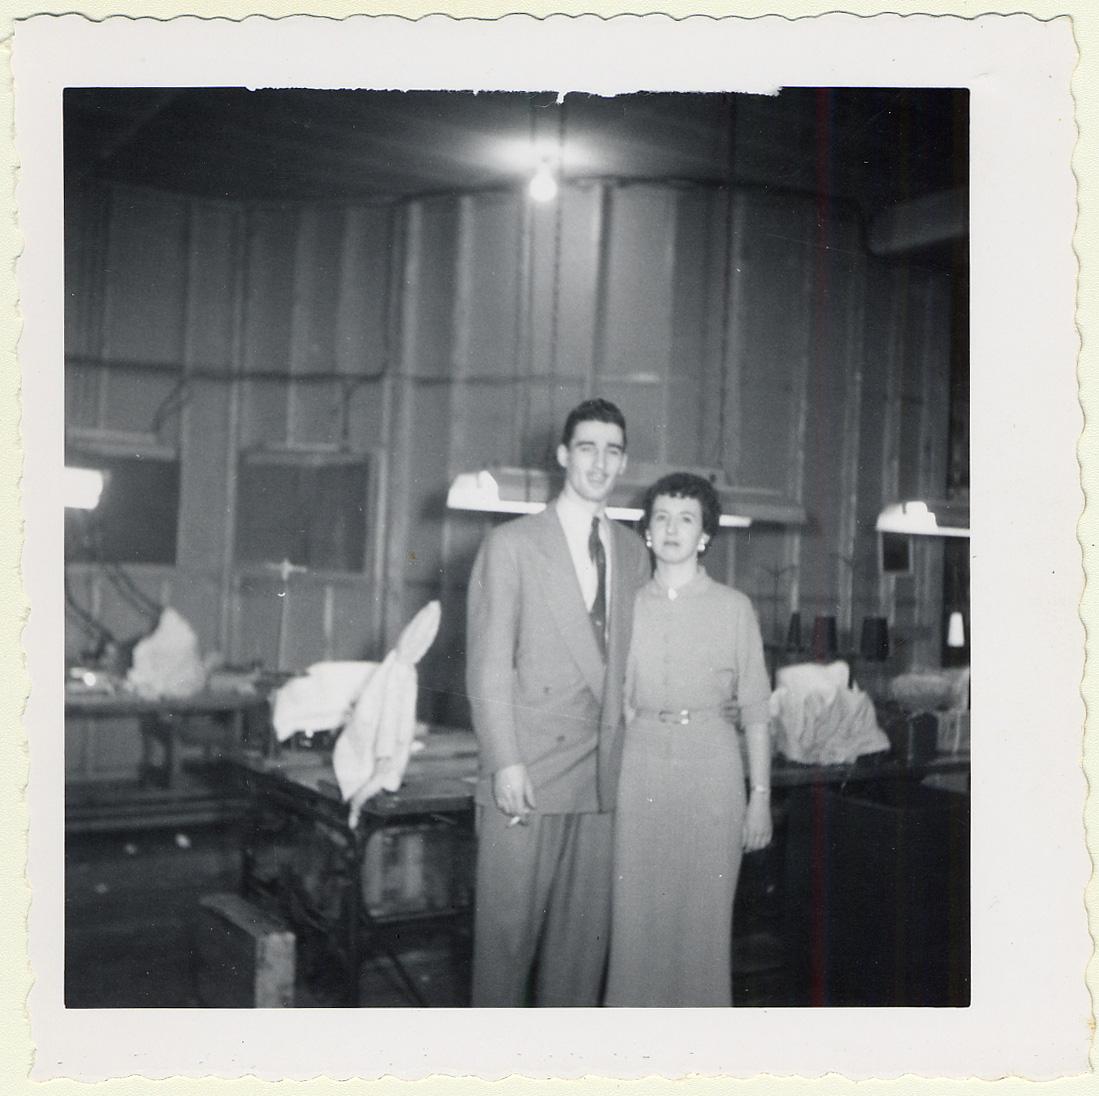 Portrait de Sara Witel Winterfeldt et d'Oscar Morsten à Shanghai dans le café où ils se sont rencontrés et mariés en avril 1943.